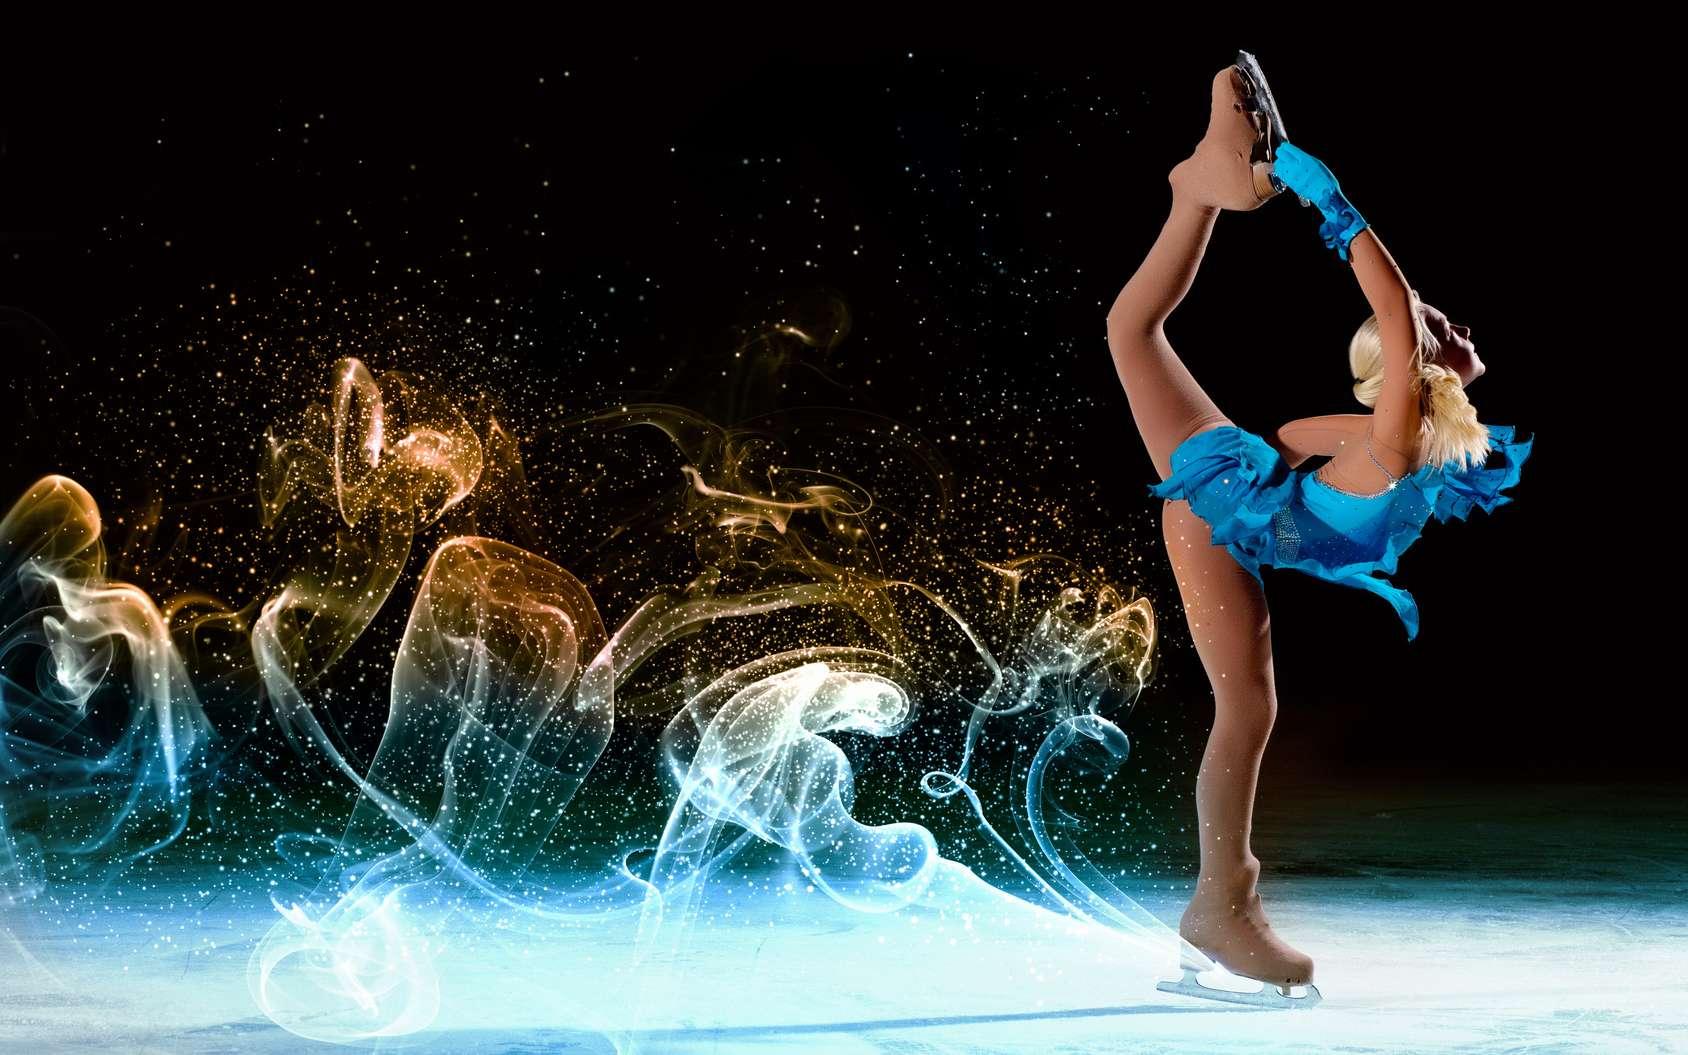 Mieux décrypter les sauts du patinage artistique. © Sergey Nivens, fotolia